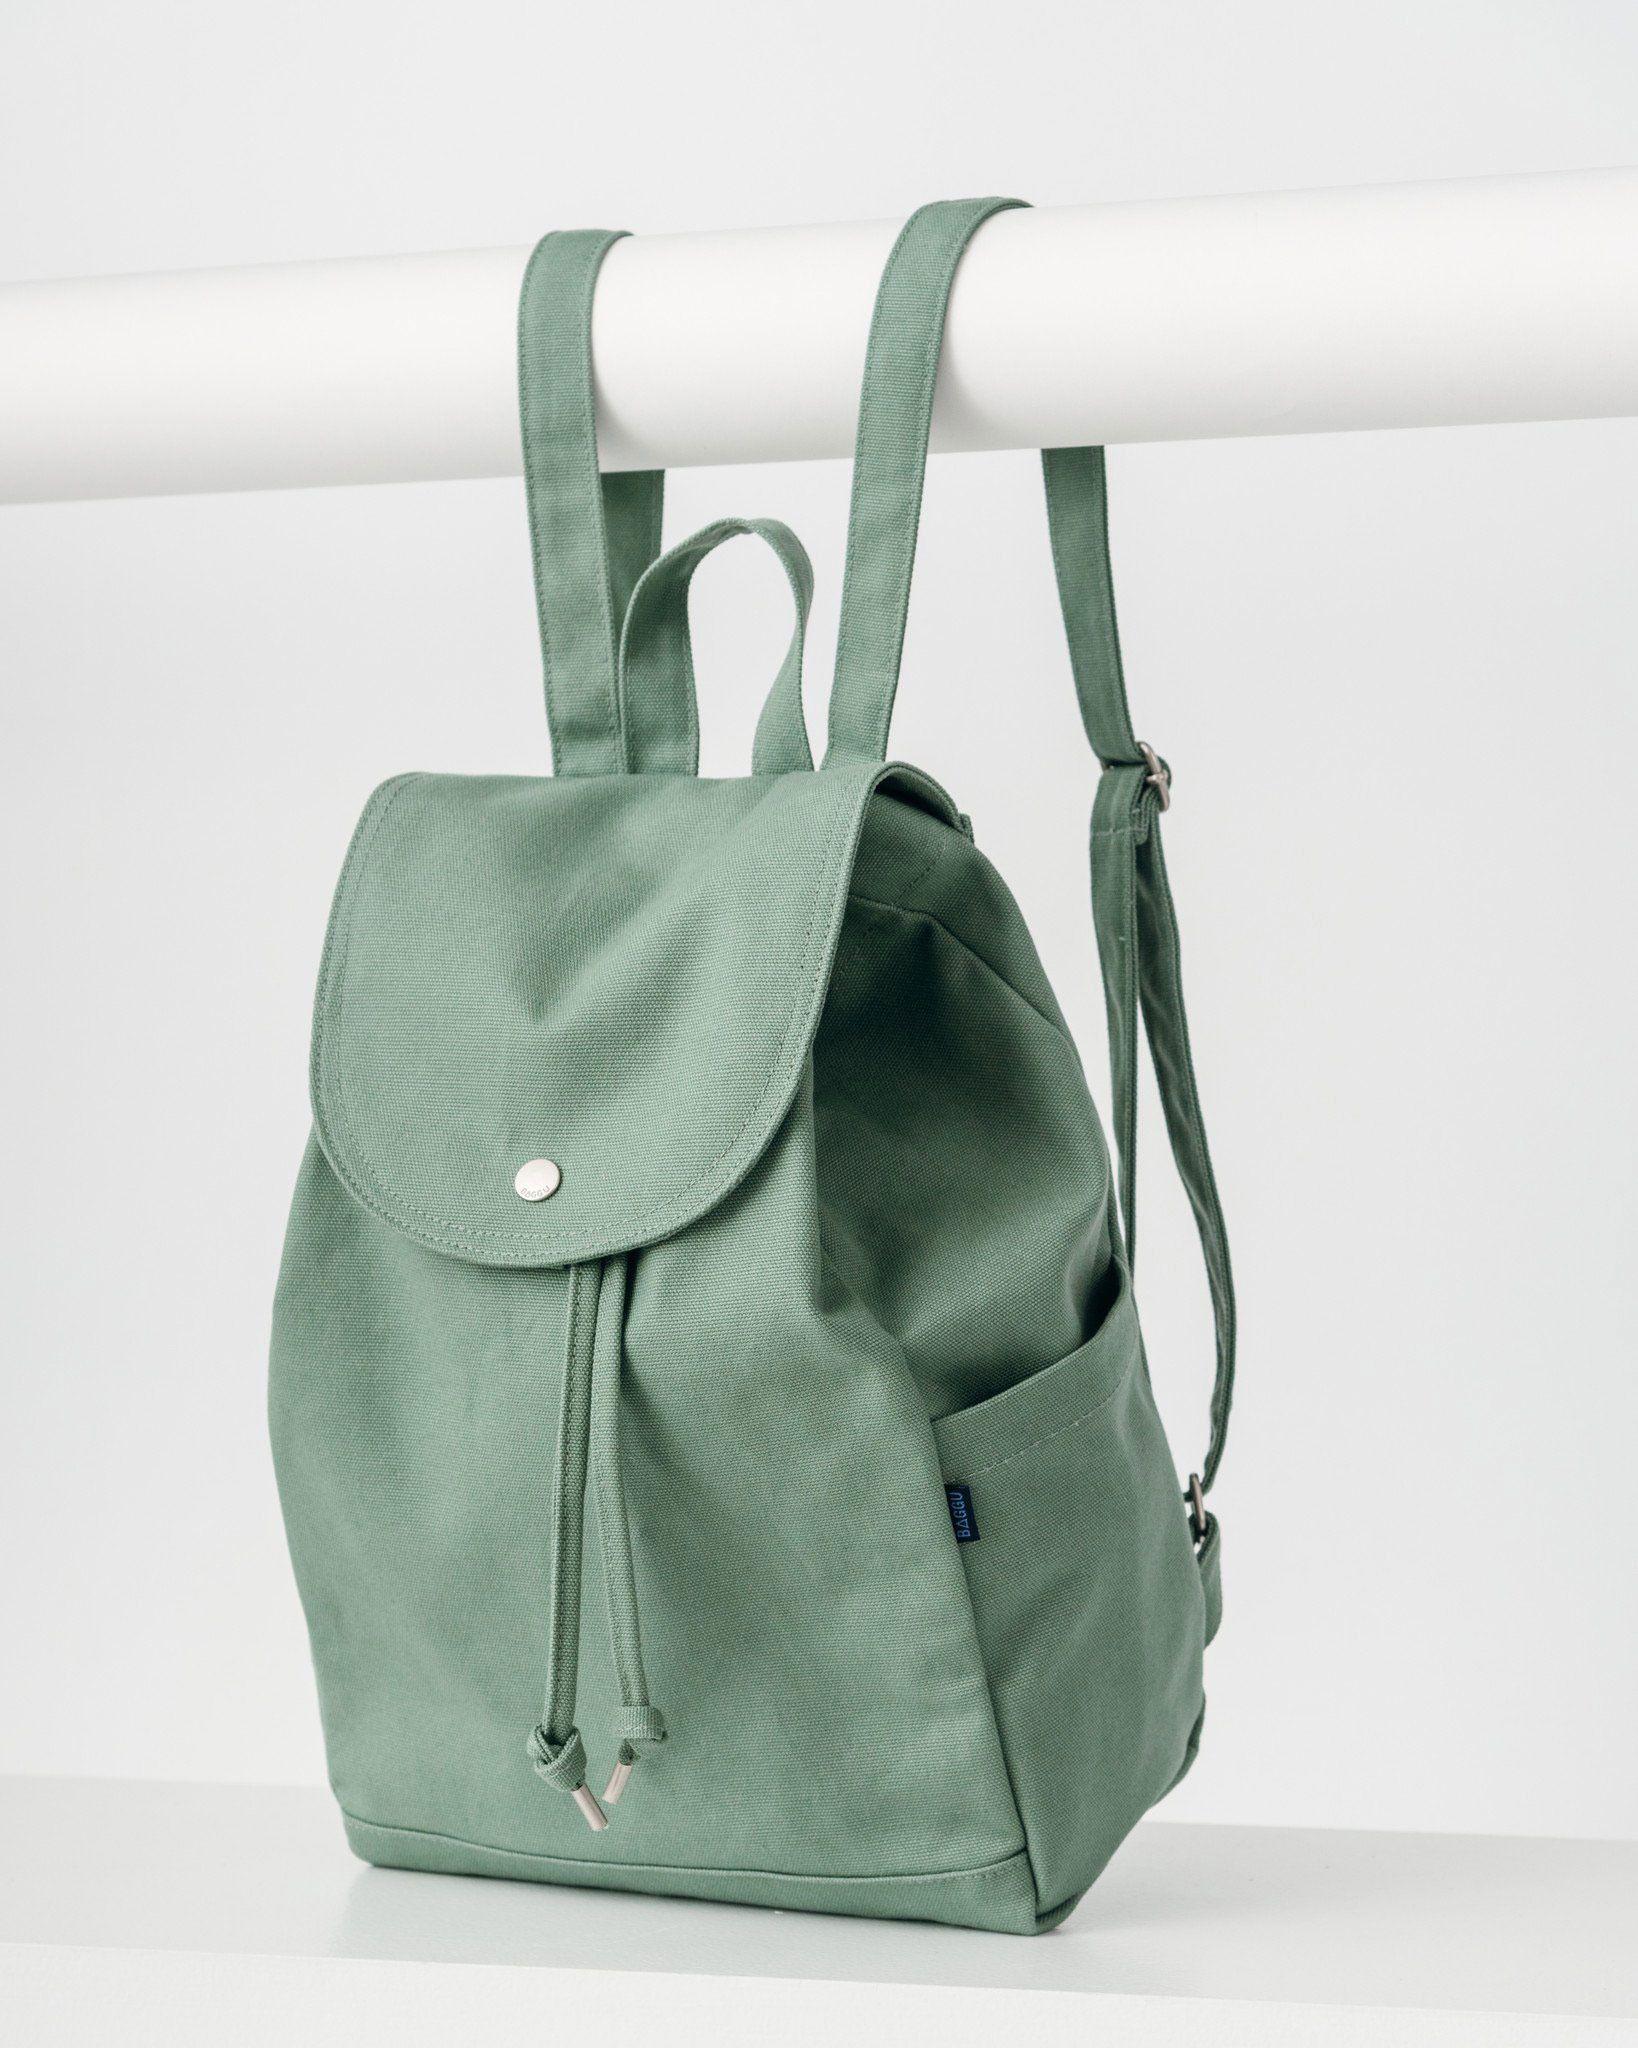 Best Adult Backpack - Baggu Drawstring  bestofficebackpack  13ffa6fc2862f